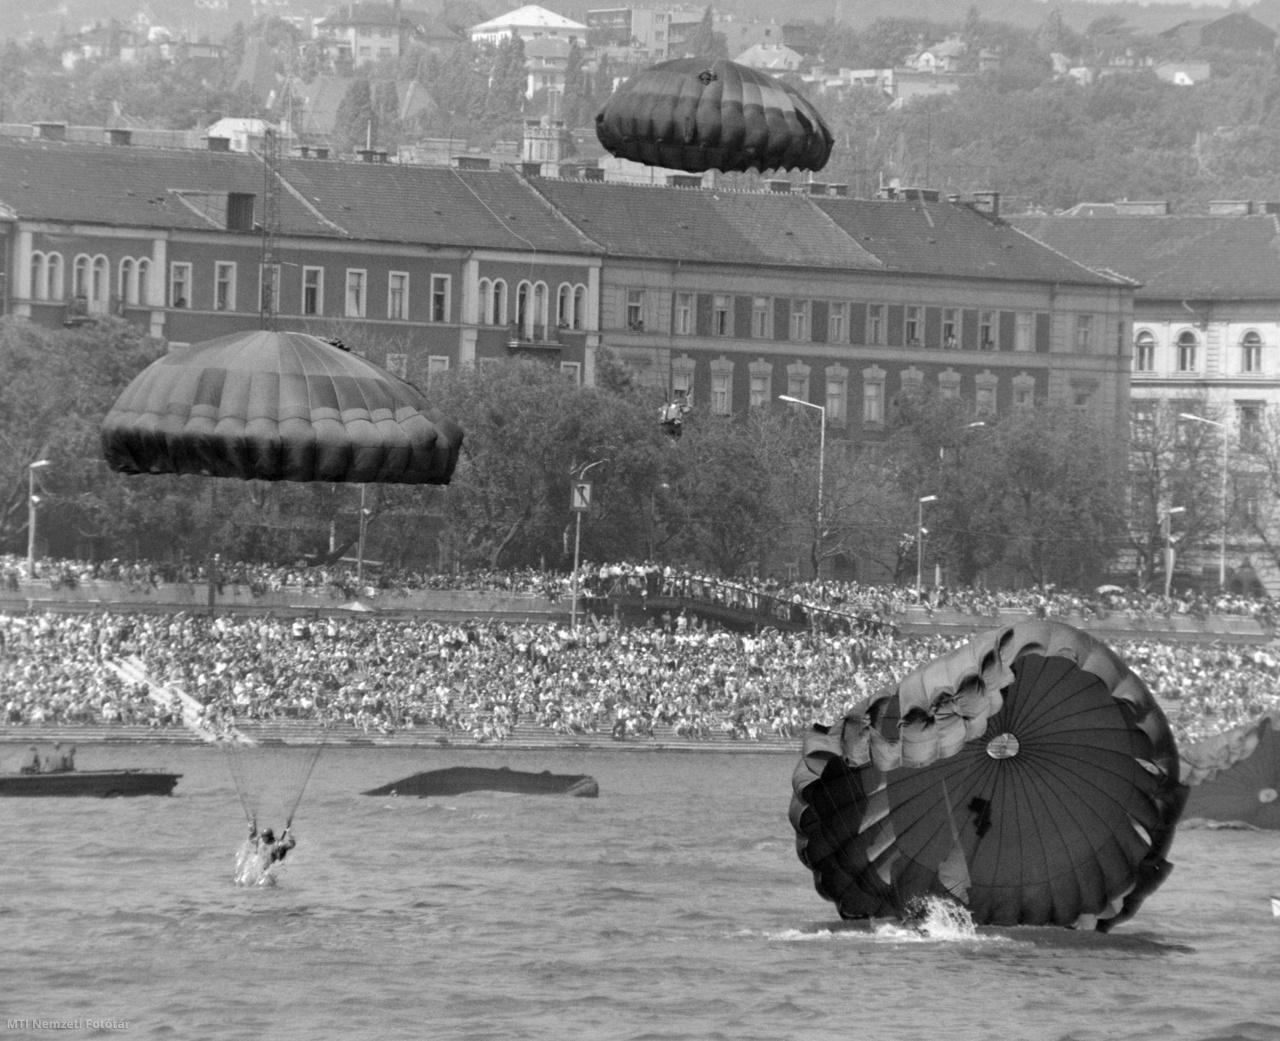 Ejtőernyős bemutató az Alkotmány napja alkalmából 1981. augusztus 20-án a Duna Parlament előtti szakaszán rendezett nagyszabású vízi és légi parádén. Háttérben a közönség a budai parton